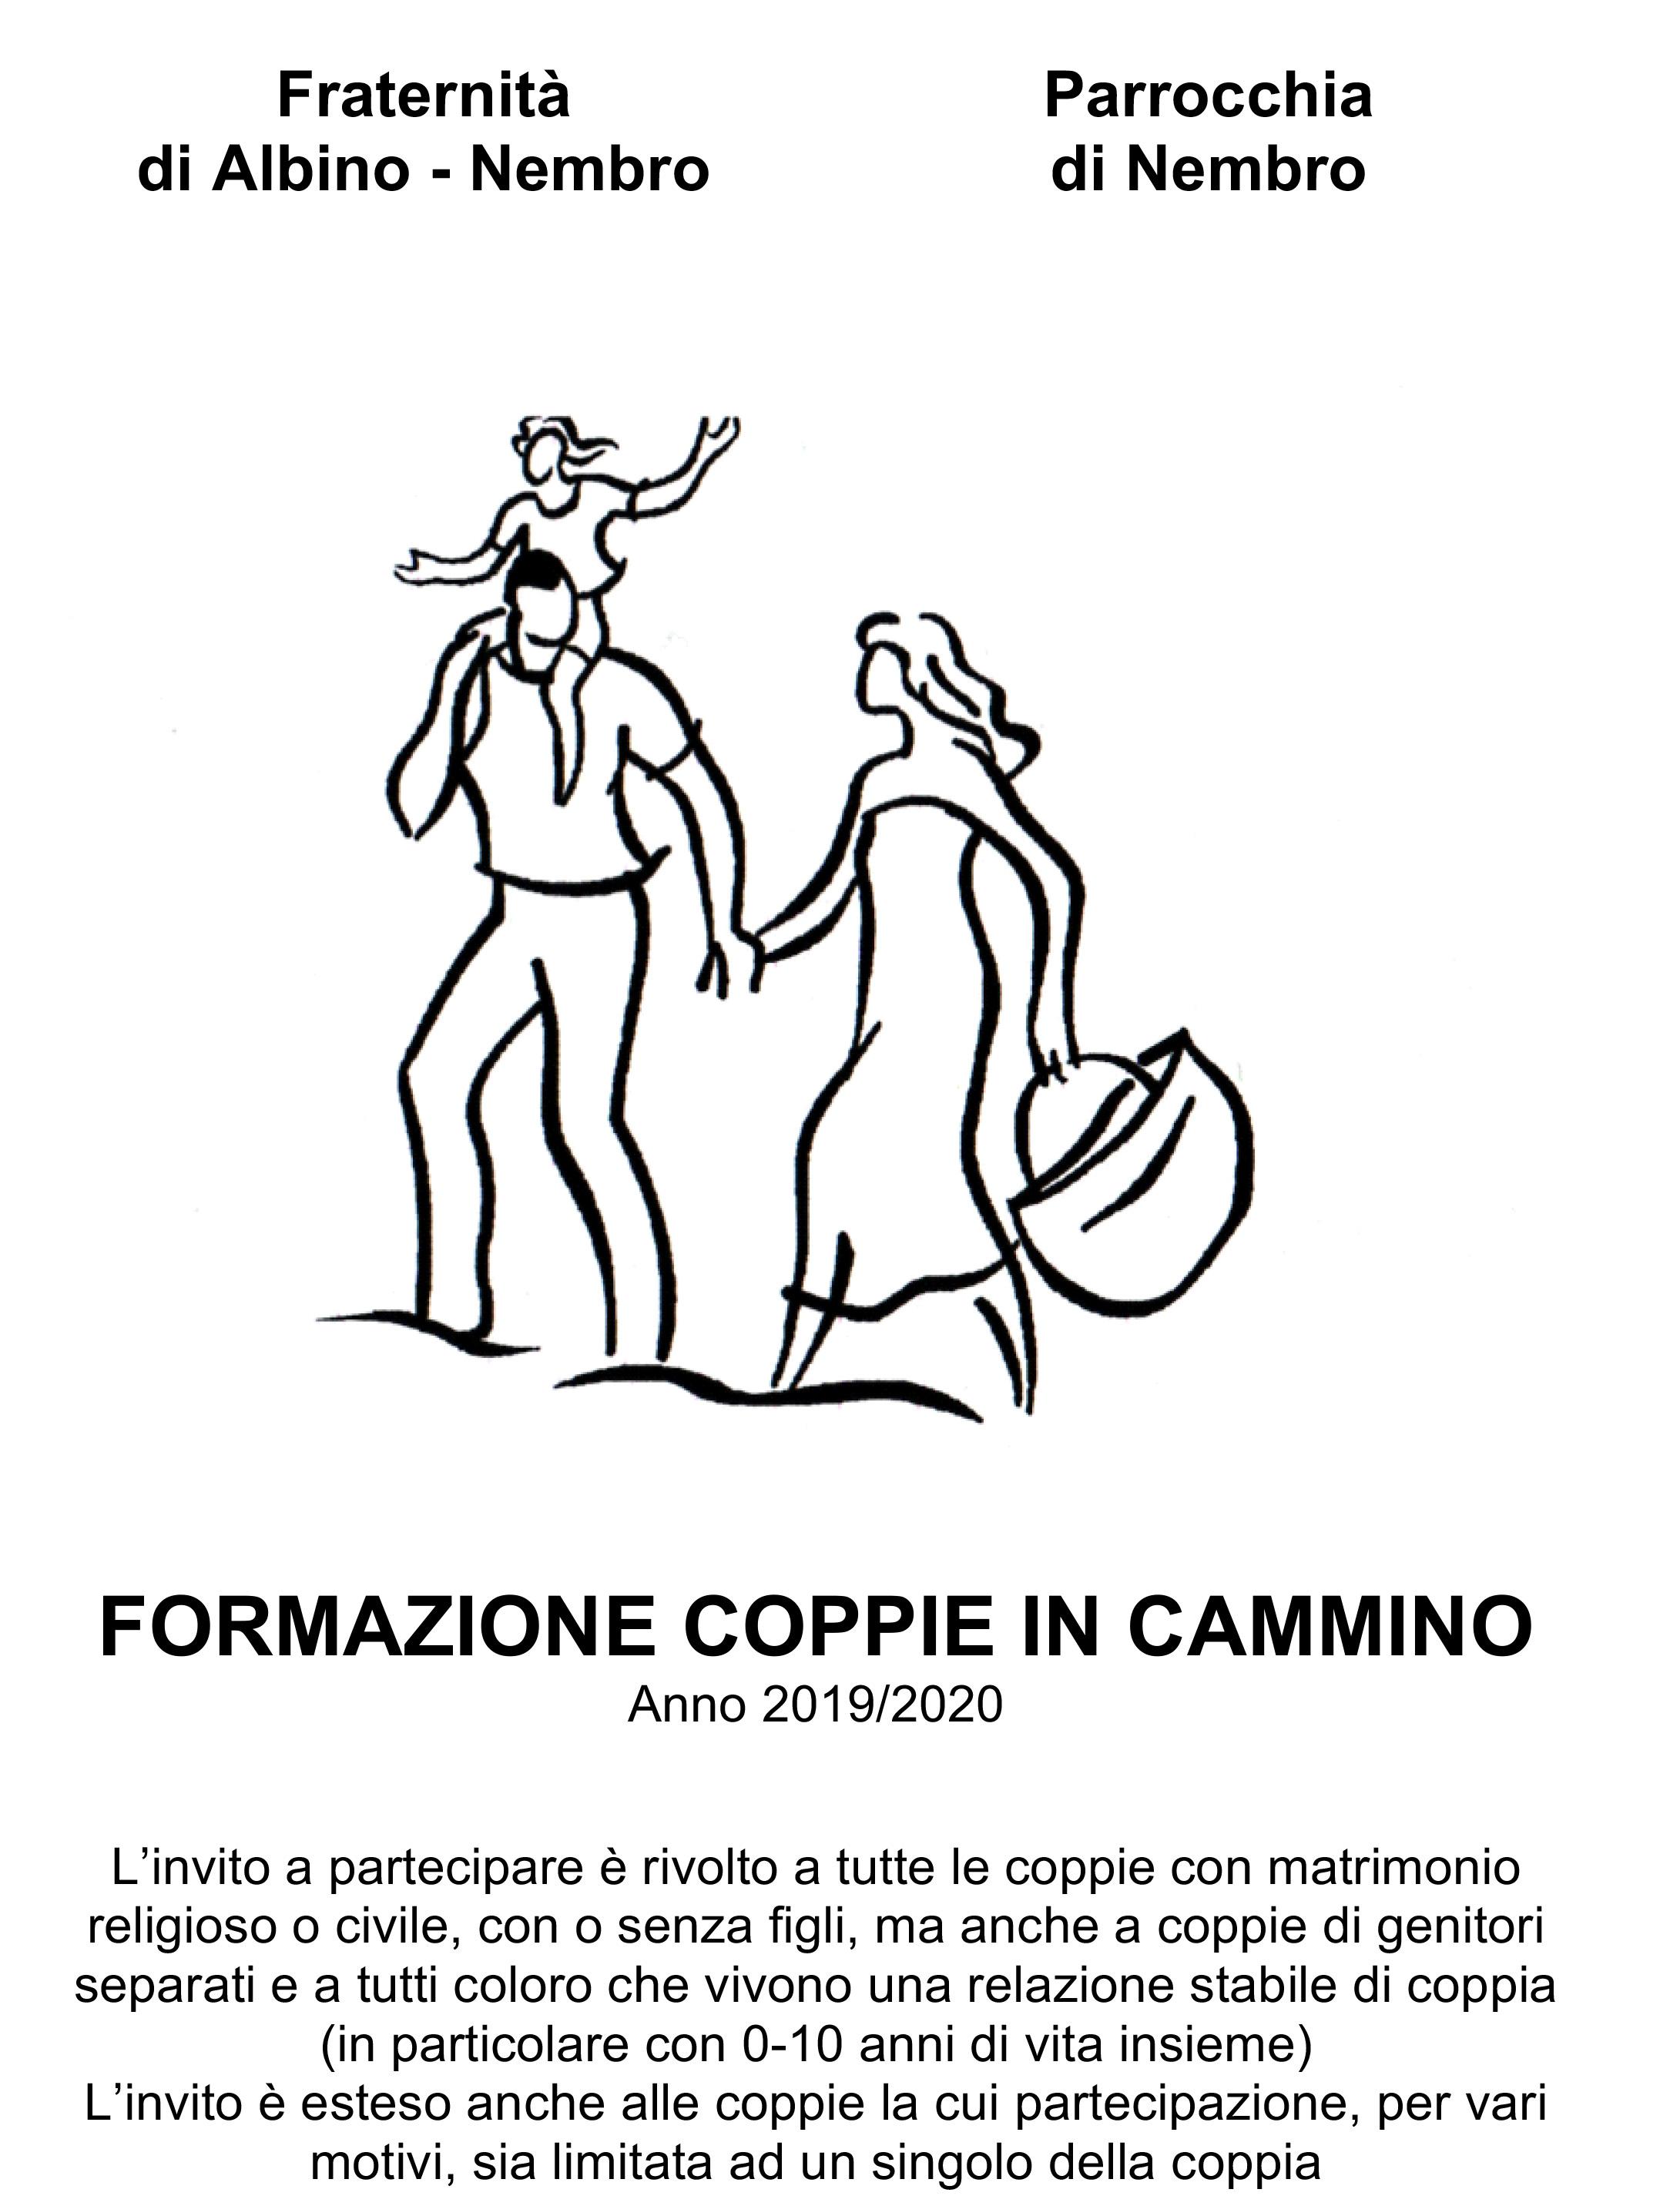 Coppie in Cammino 2019/2020